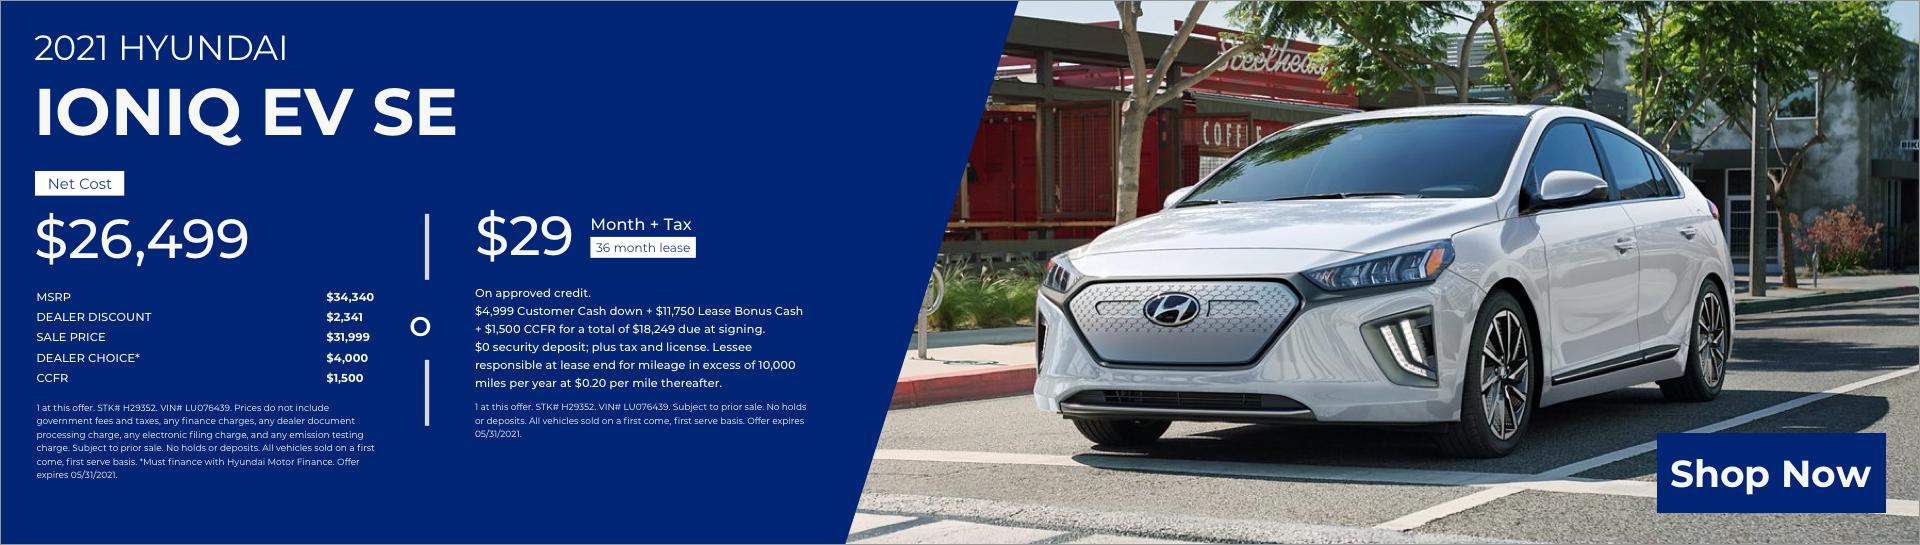 2021 Hyundai Ioniq EV SE